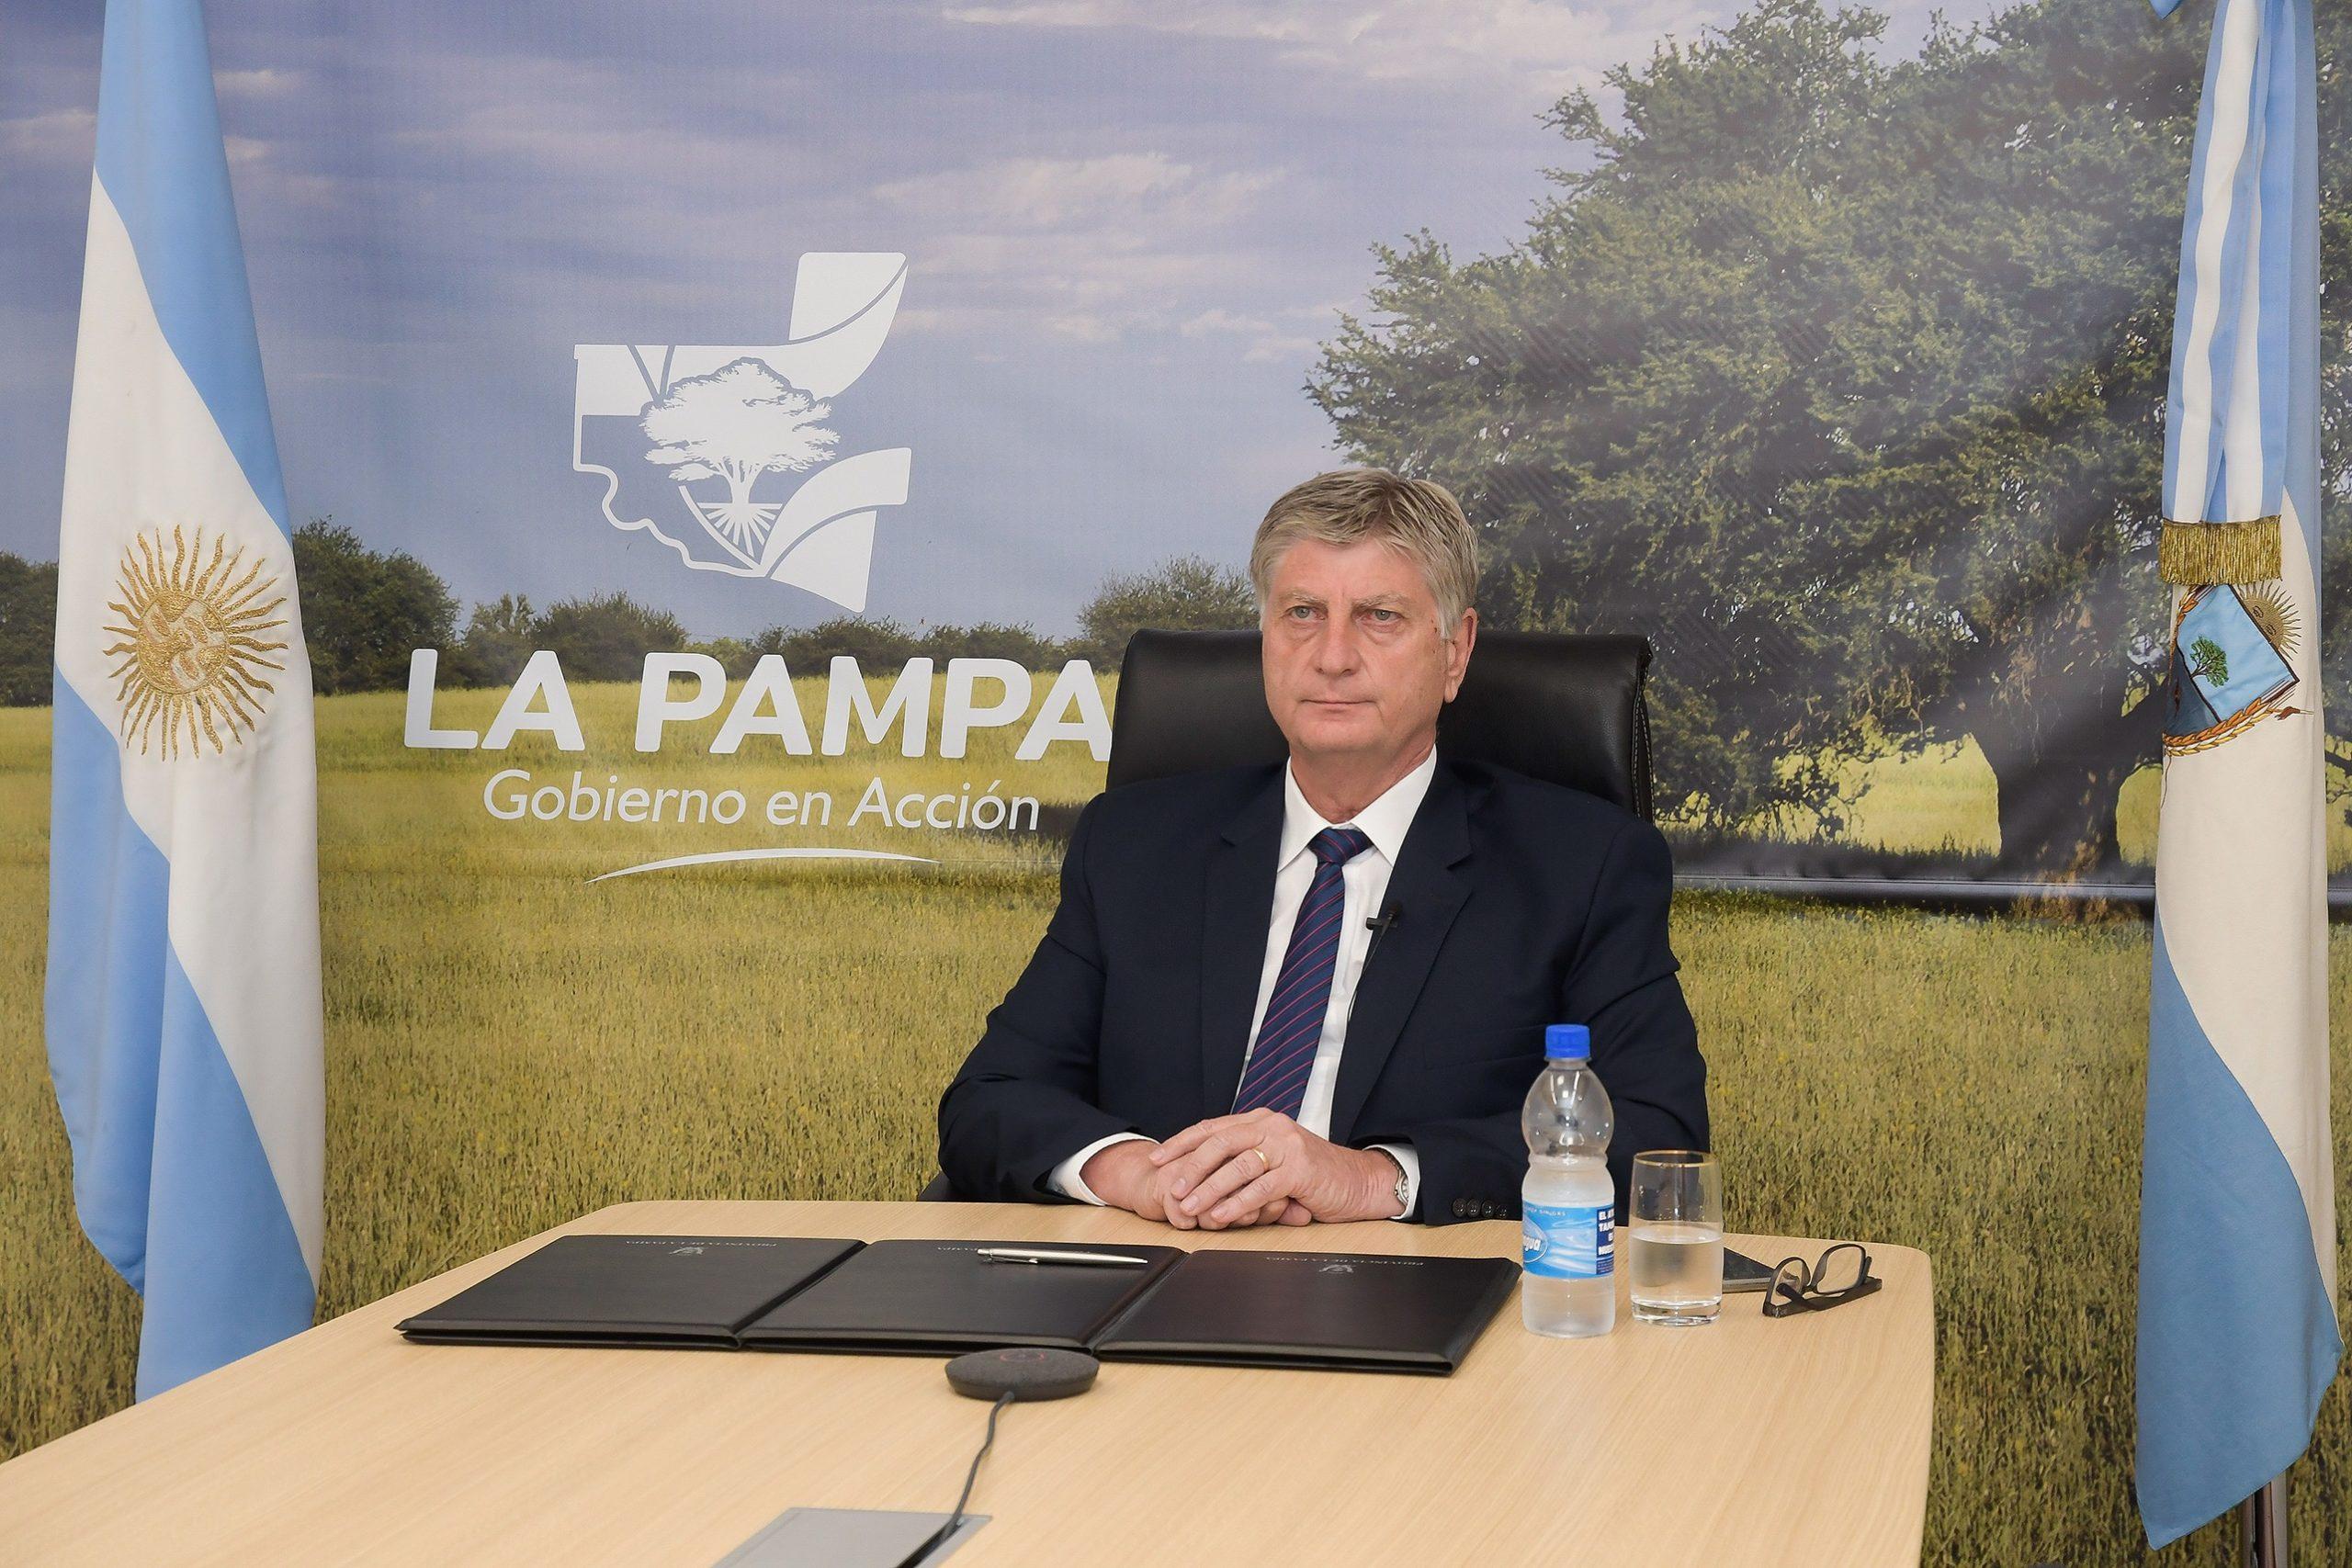 EN VIVO: El gobernador Sergio Ziliotto brinda una conferencia de prensa tras el anuncio de UTELPa